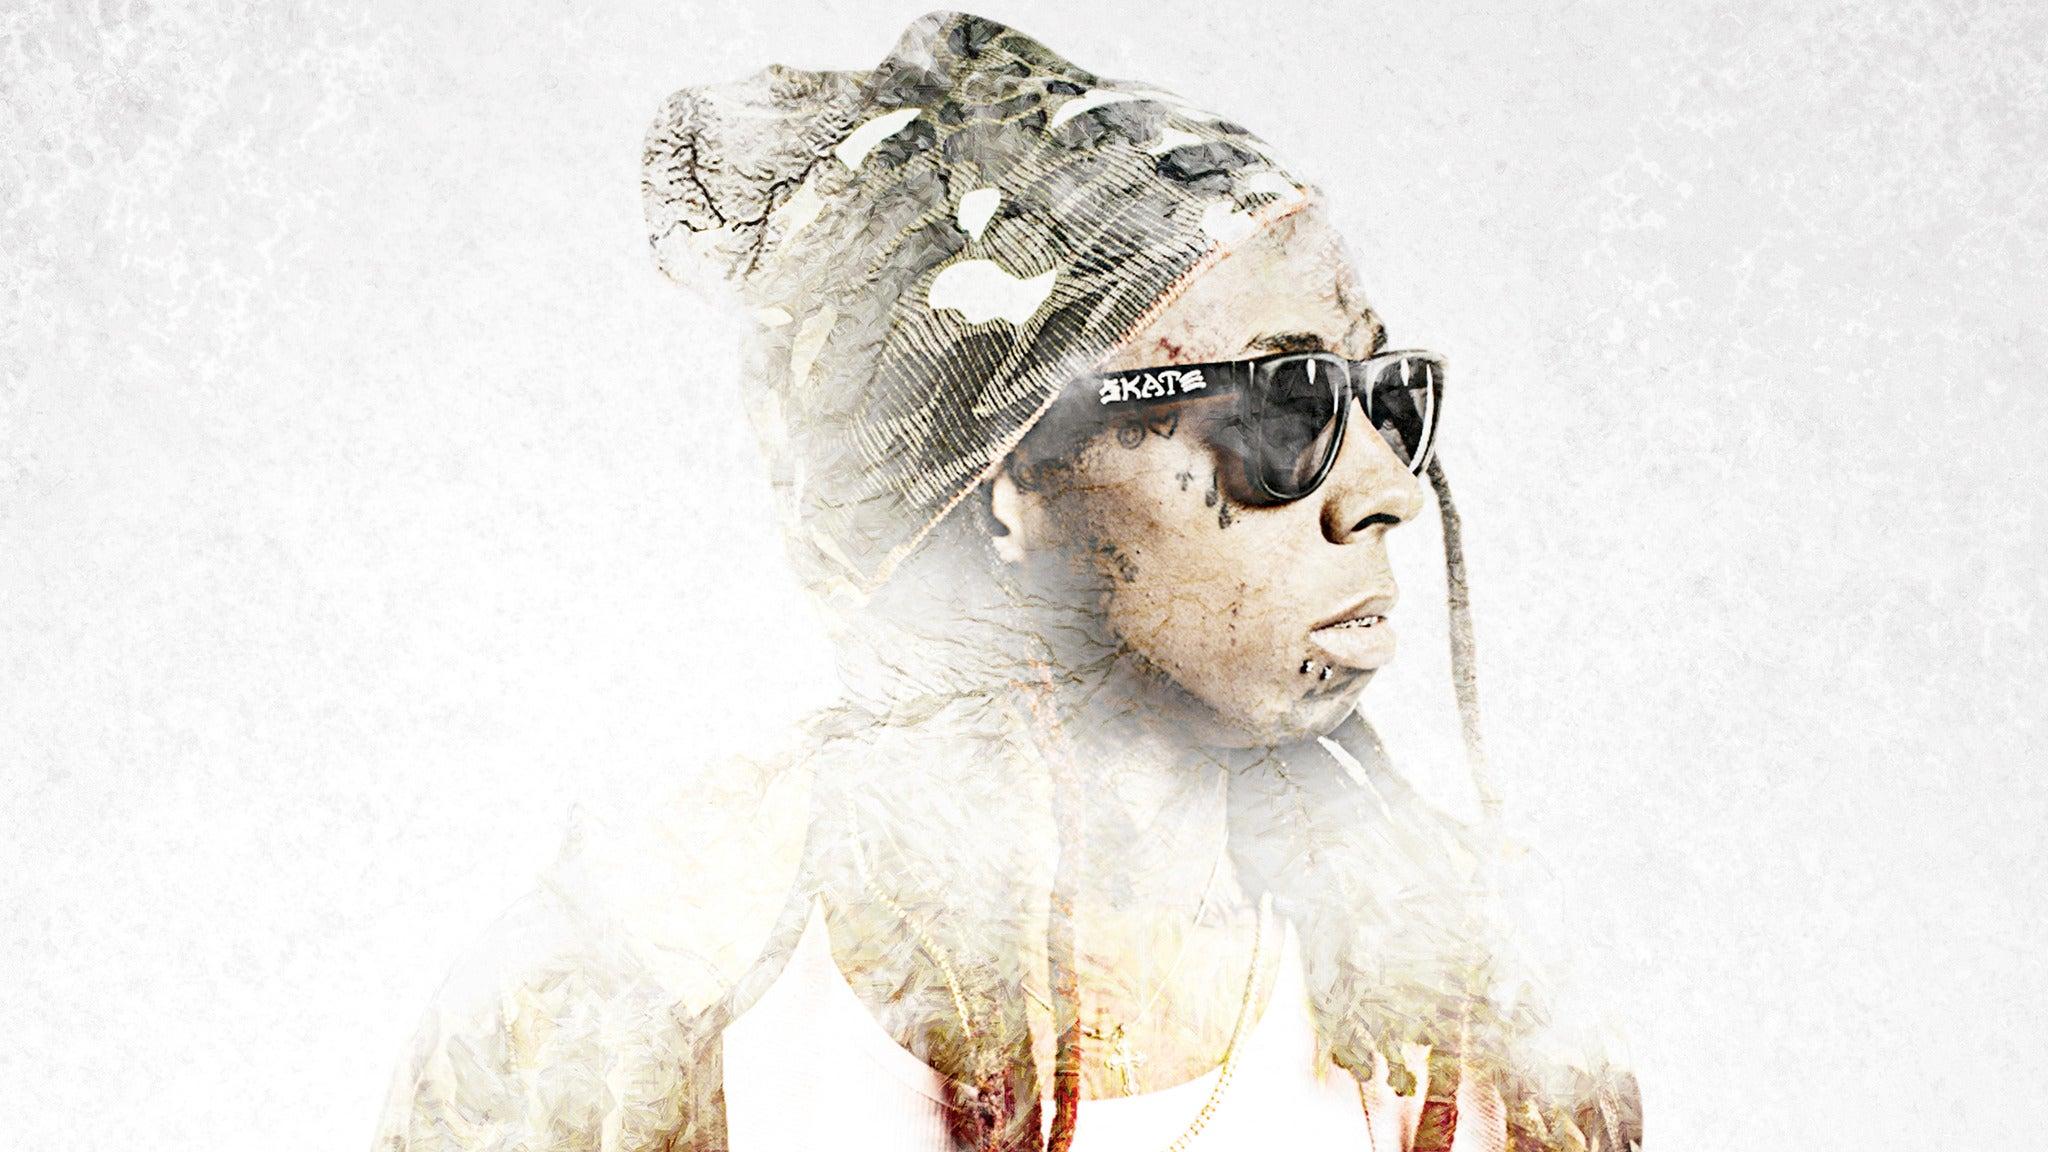 Lil Wayne at WVU Coliseum at WVU Coliseum